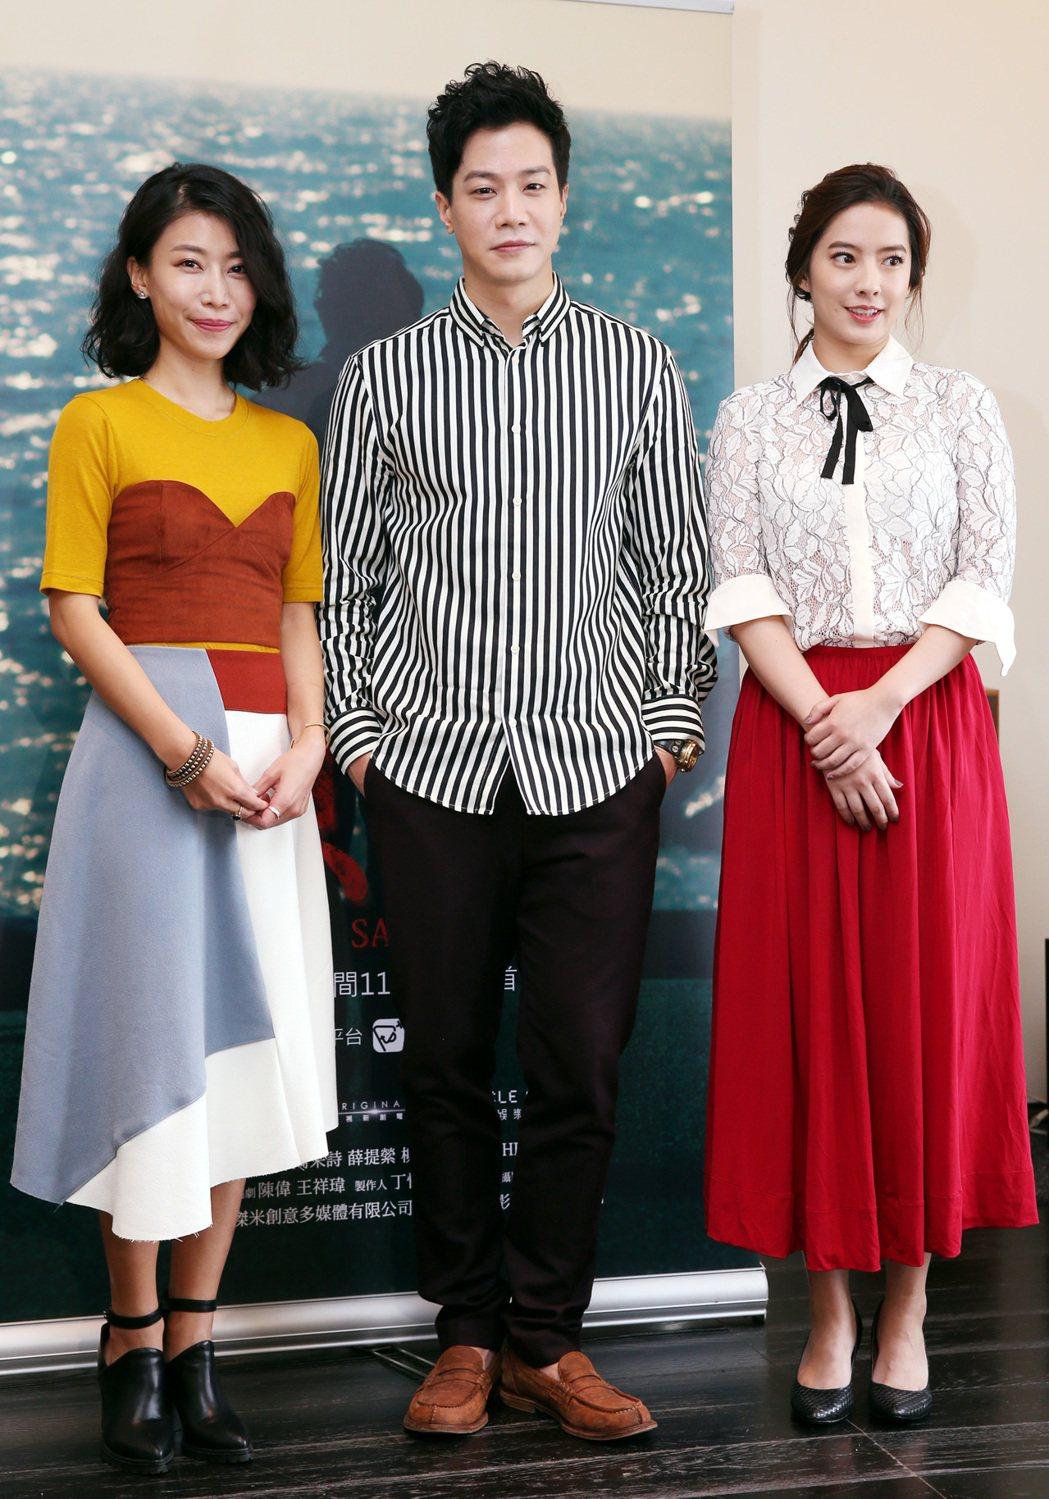 薛提縈(左起)、薛仕凌及周采詩出席公視新創電影「魚男」宣傳活動。記者侯永全/攝影